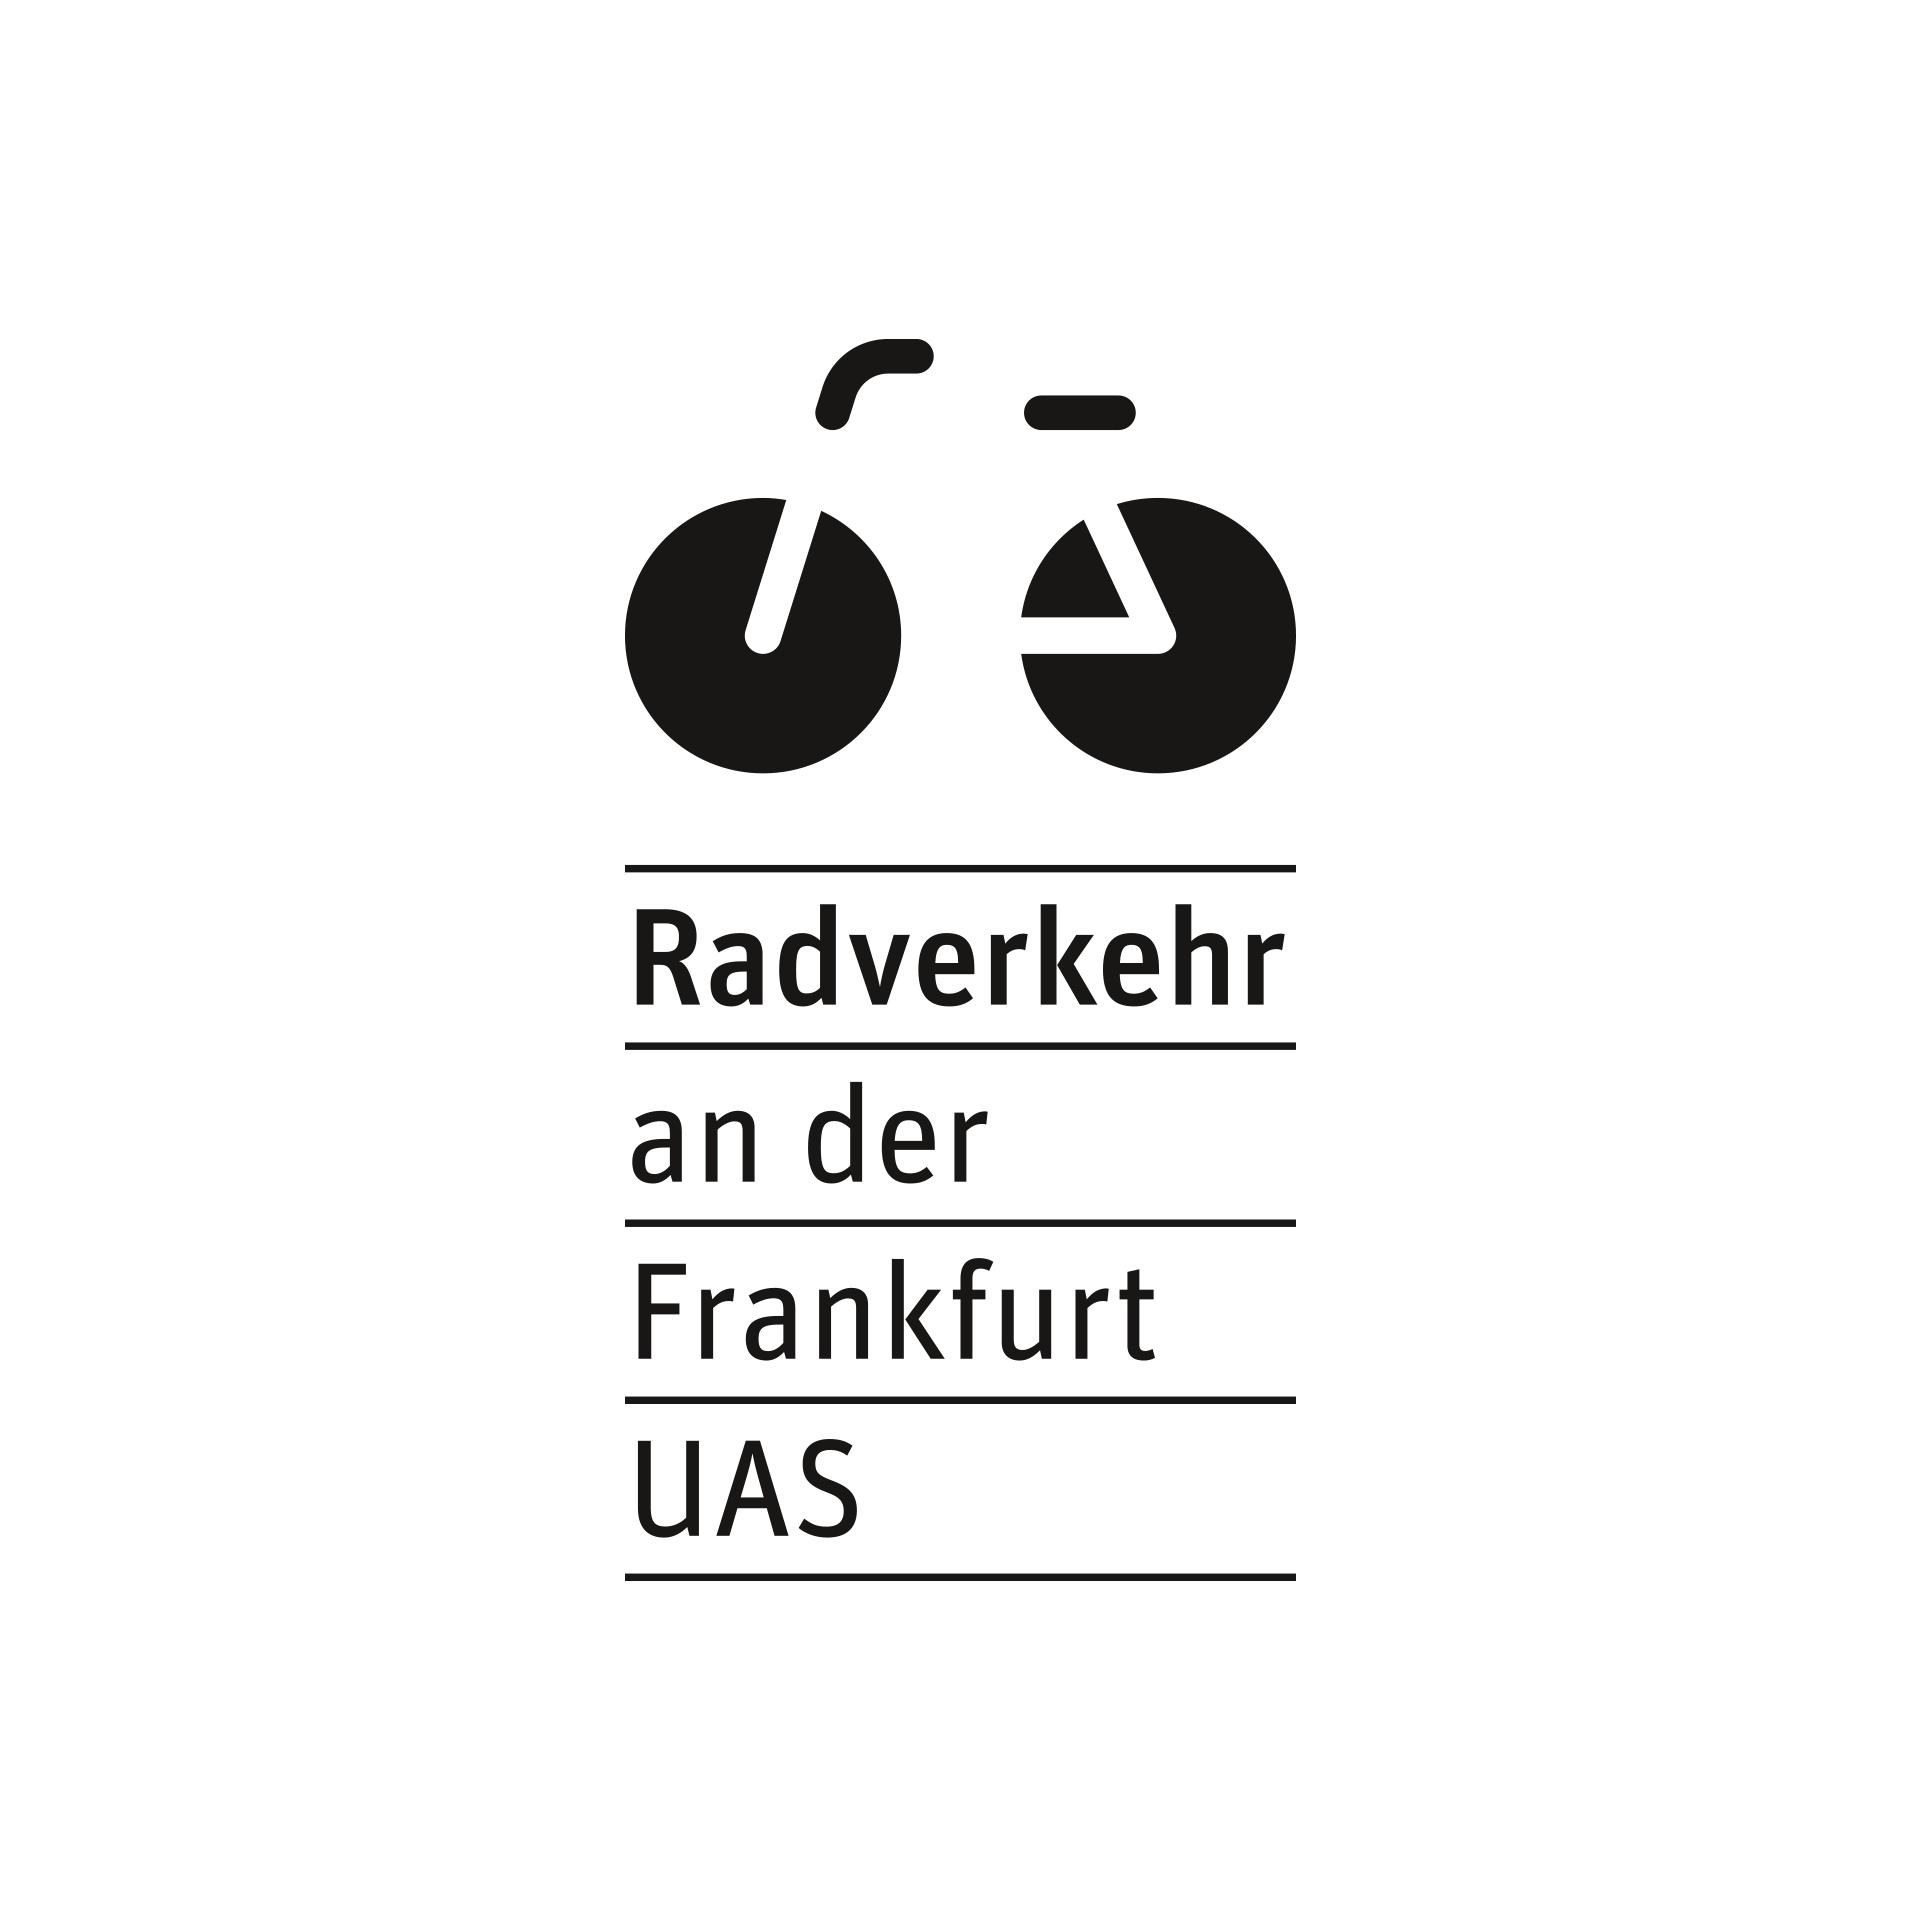 Radverkehr-Frankfurt-UAS-Buero-Ink-01-1